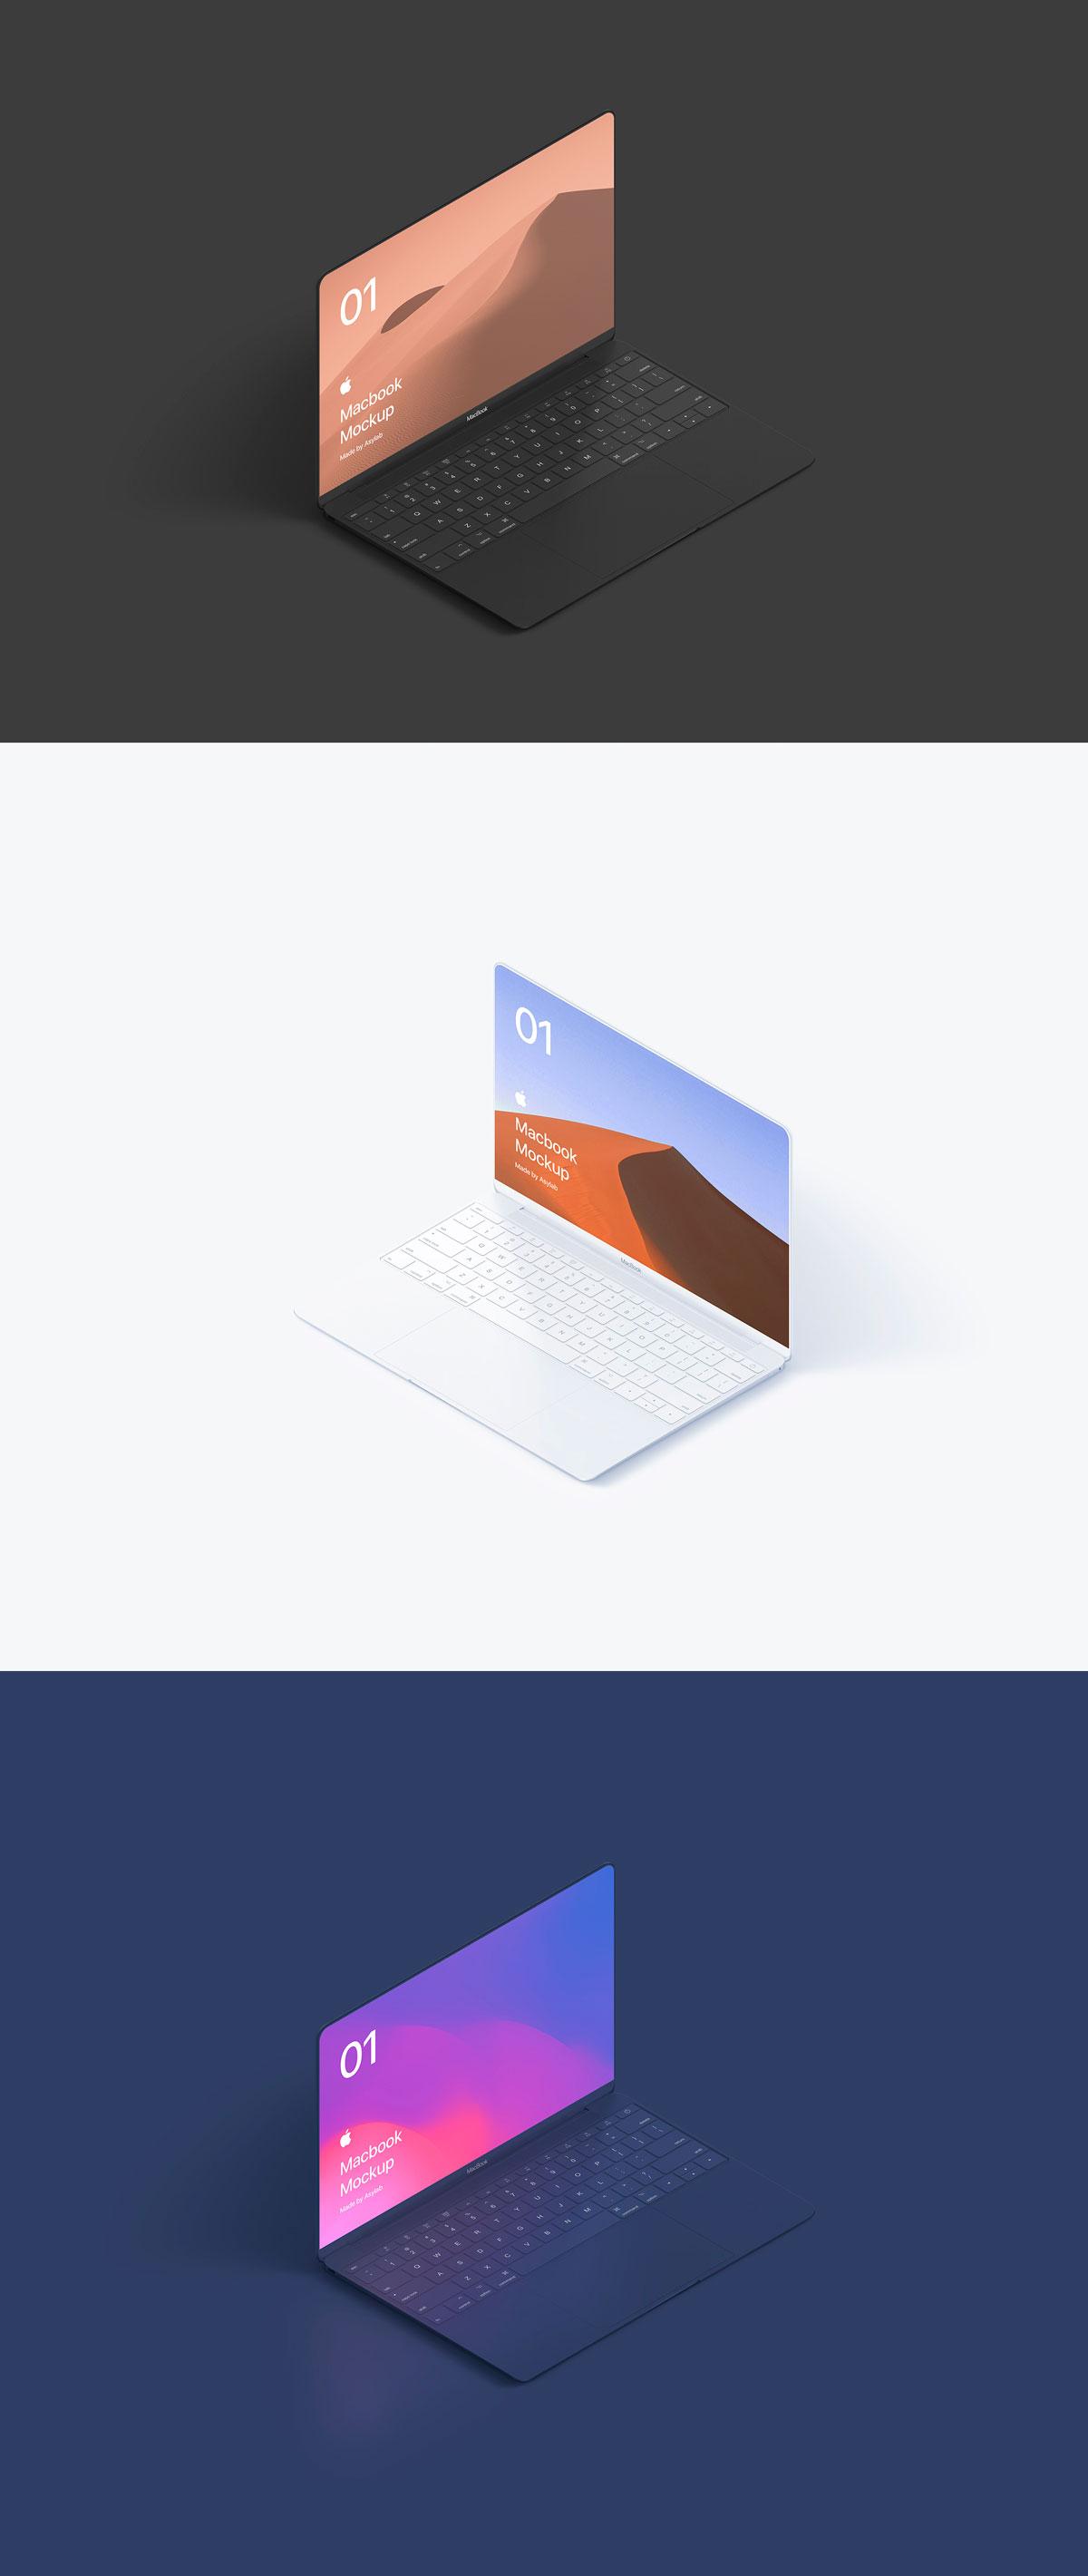 自适应网页设计等距Macbook 2018&iPhone XS展示样机模板 Macbook 10 Isometric插图(3)